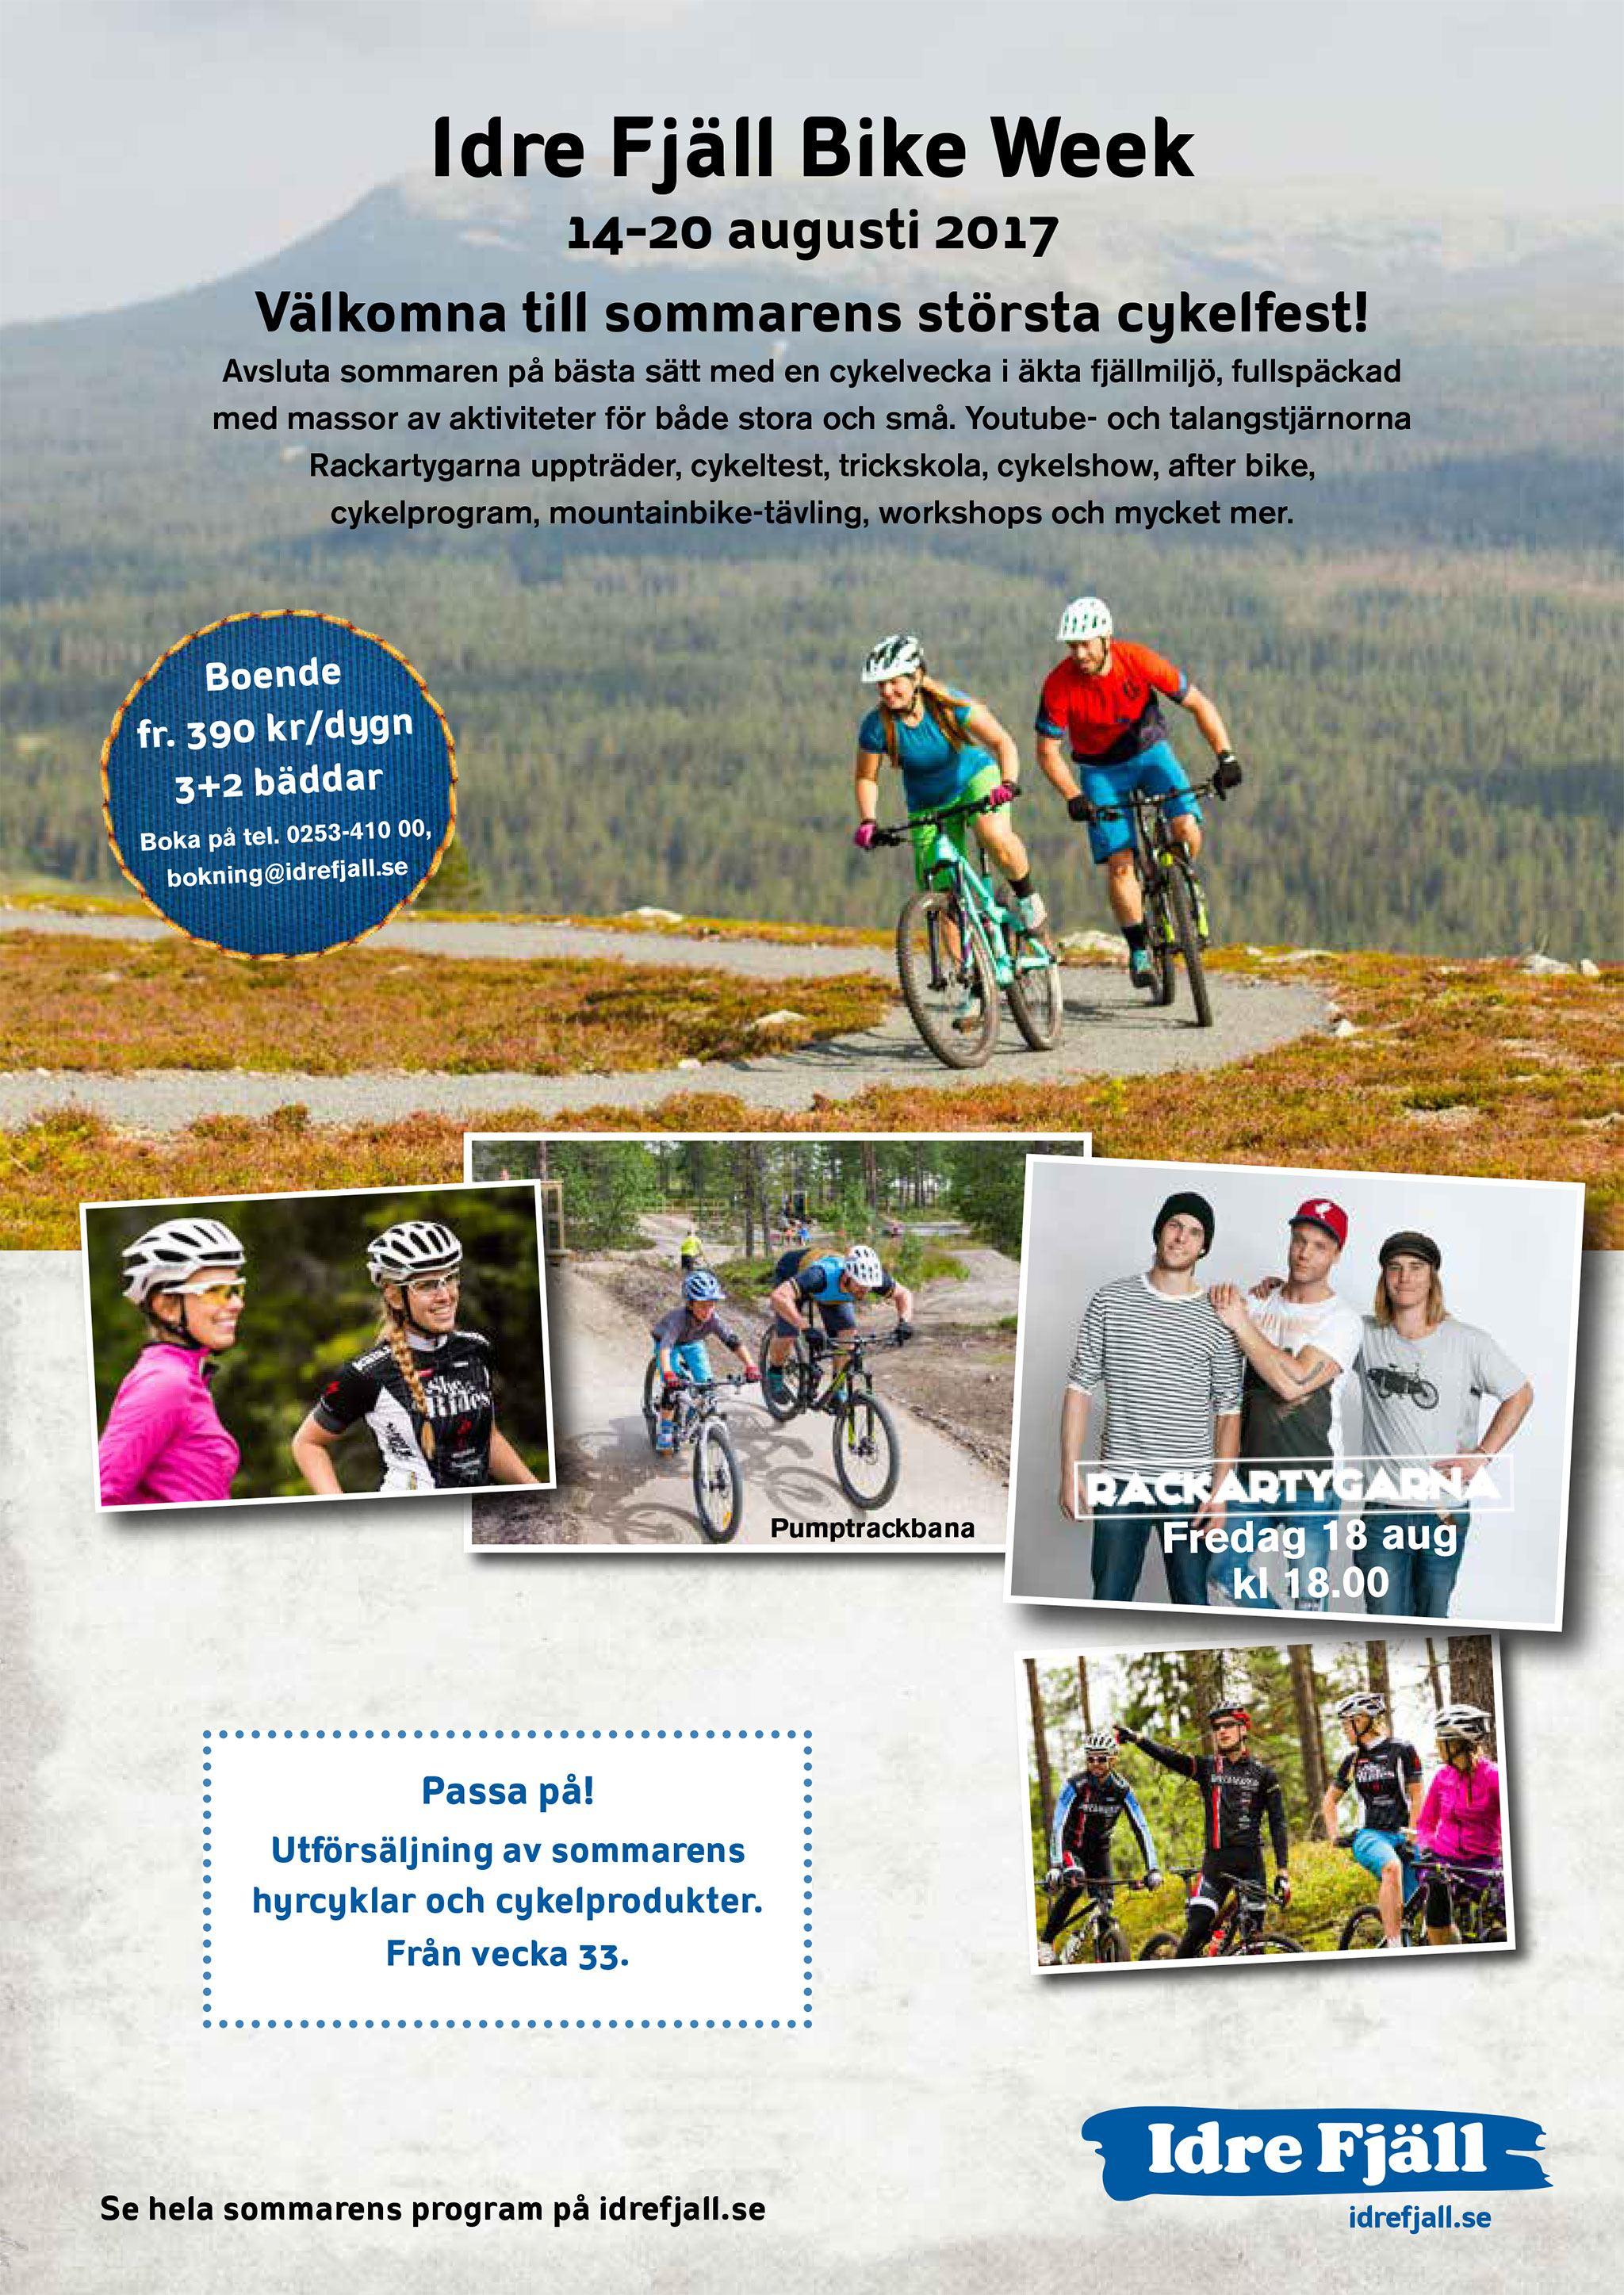 Idre Fjäll, Idre Fjäll Bike Week